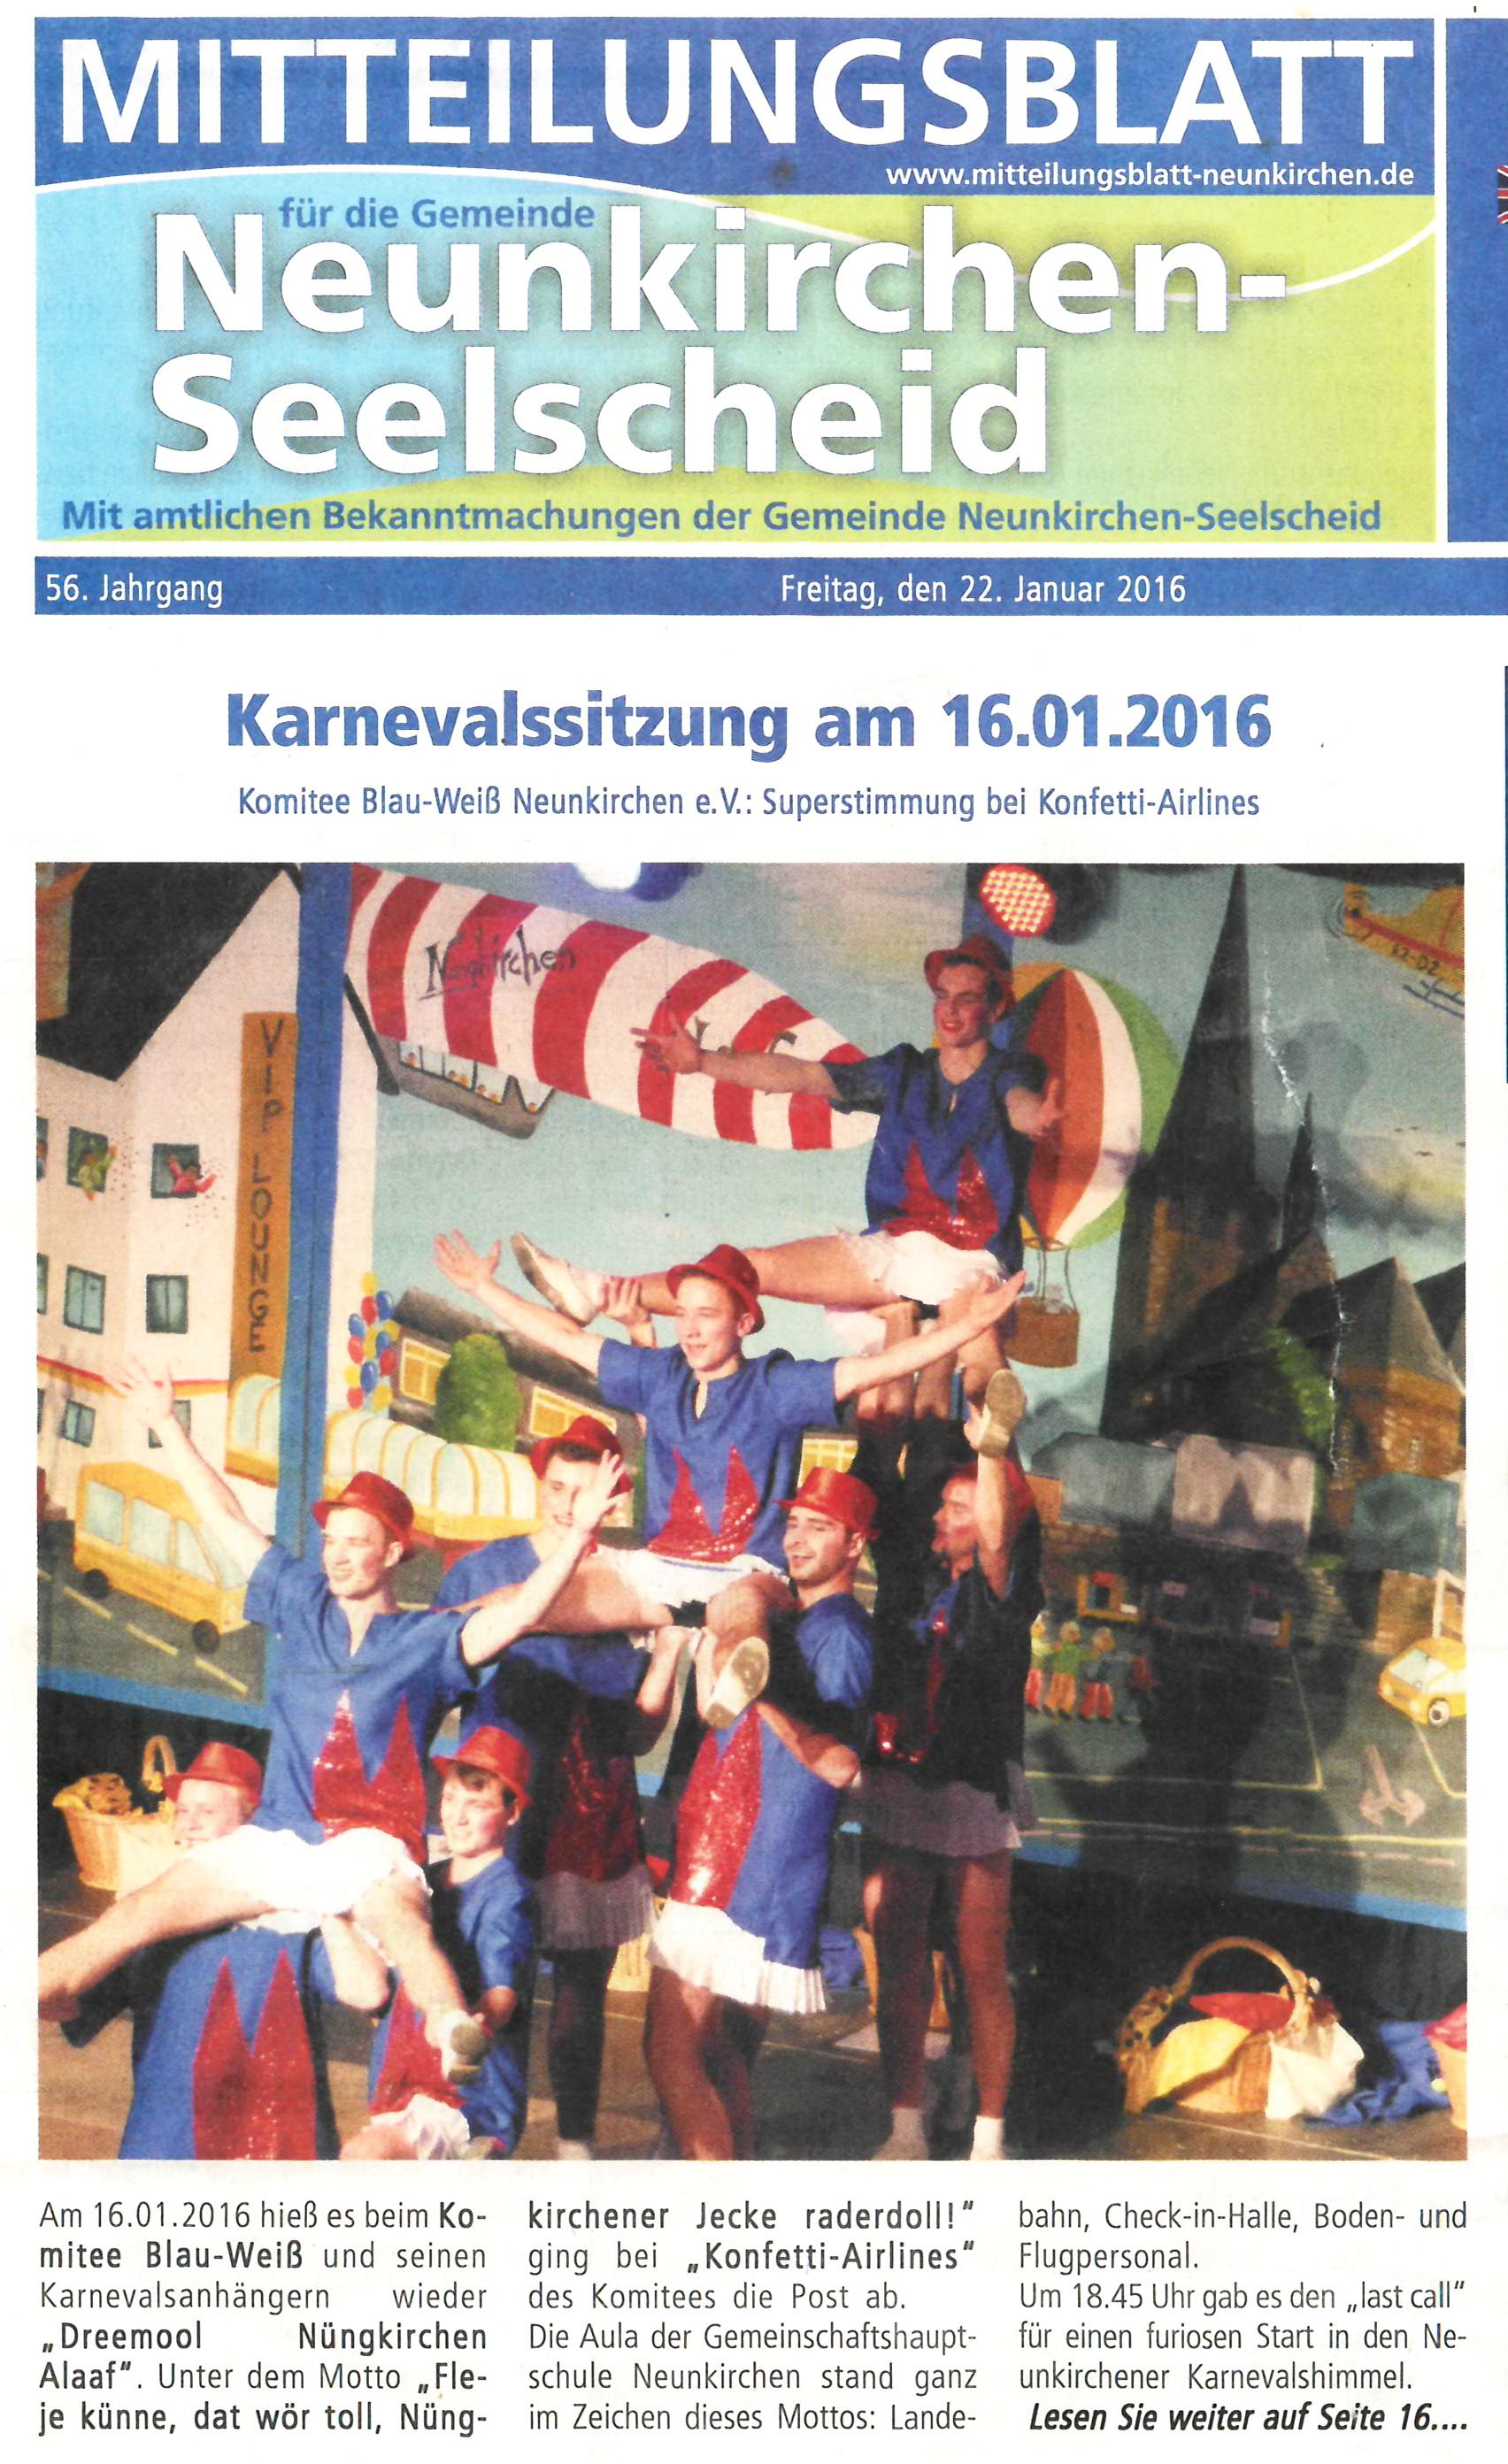 2016-01-18 Amtsblatt (2)